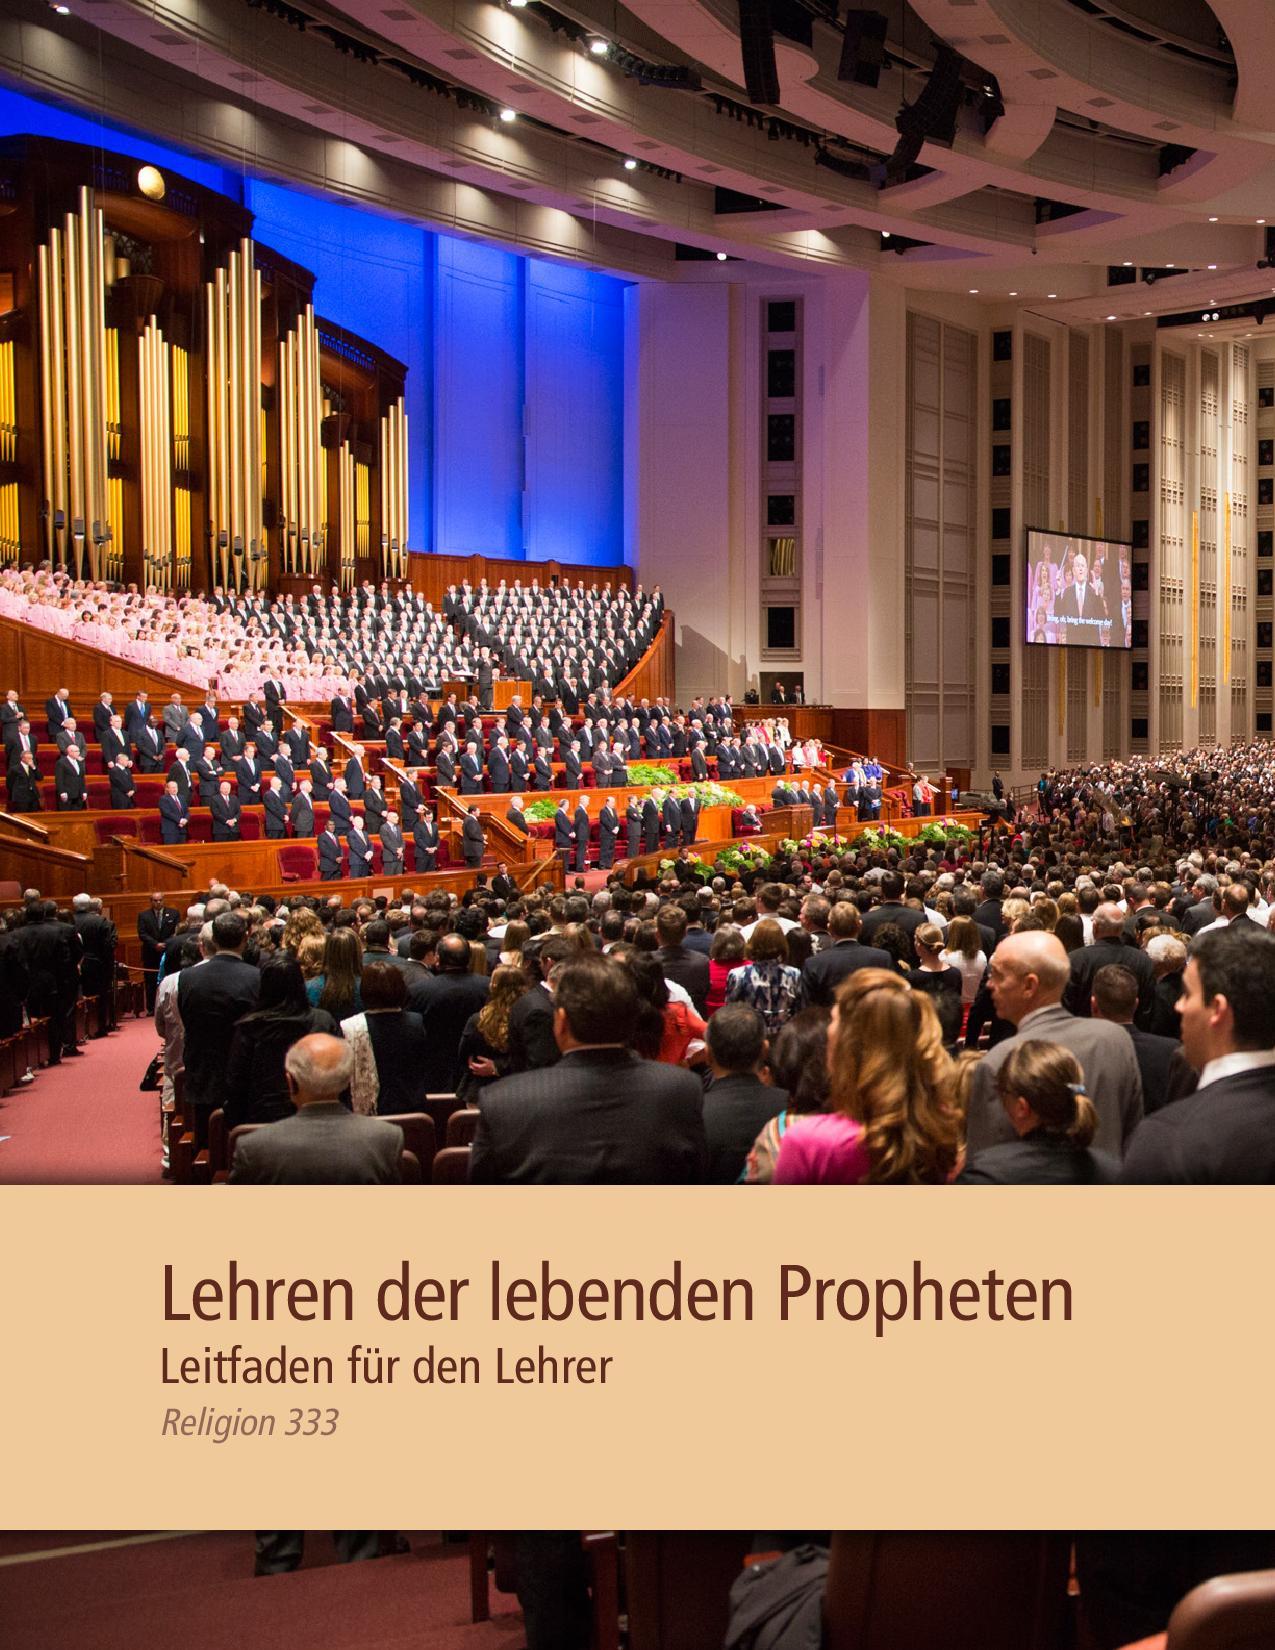 Lehren der lebenden Propheten – Leitfaden für den Lehrer